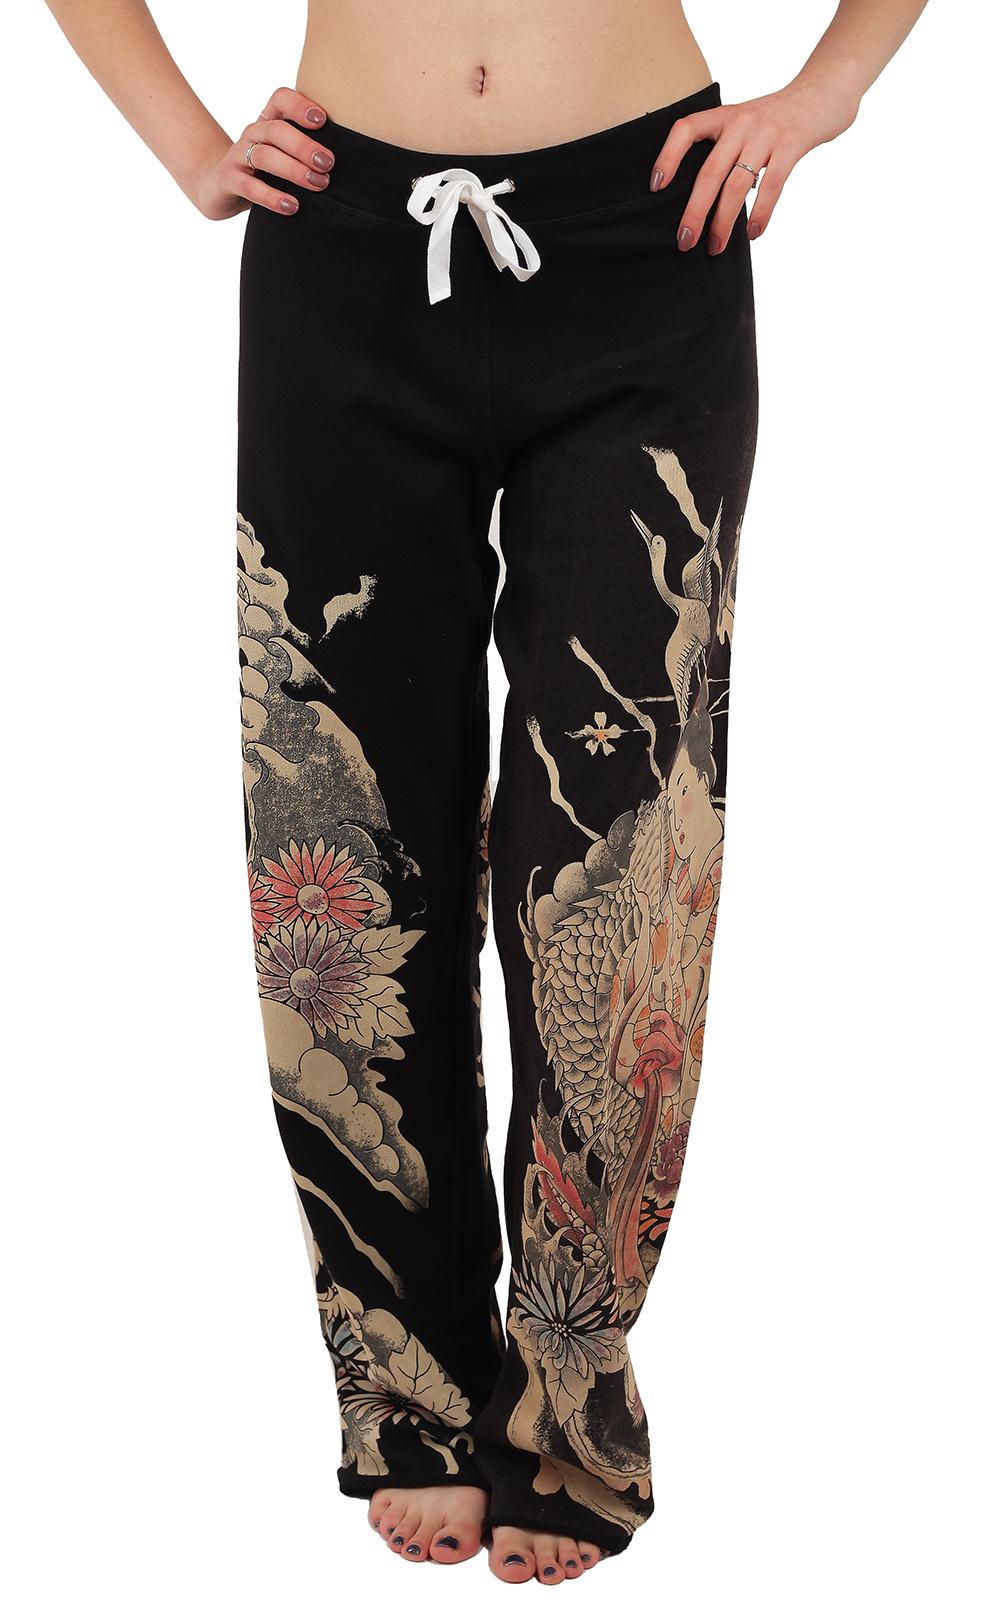 Фаворит стиля кэжуал – брендовые женские БОХО штаны от дизайнеров Paparazzi